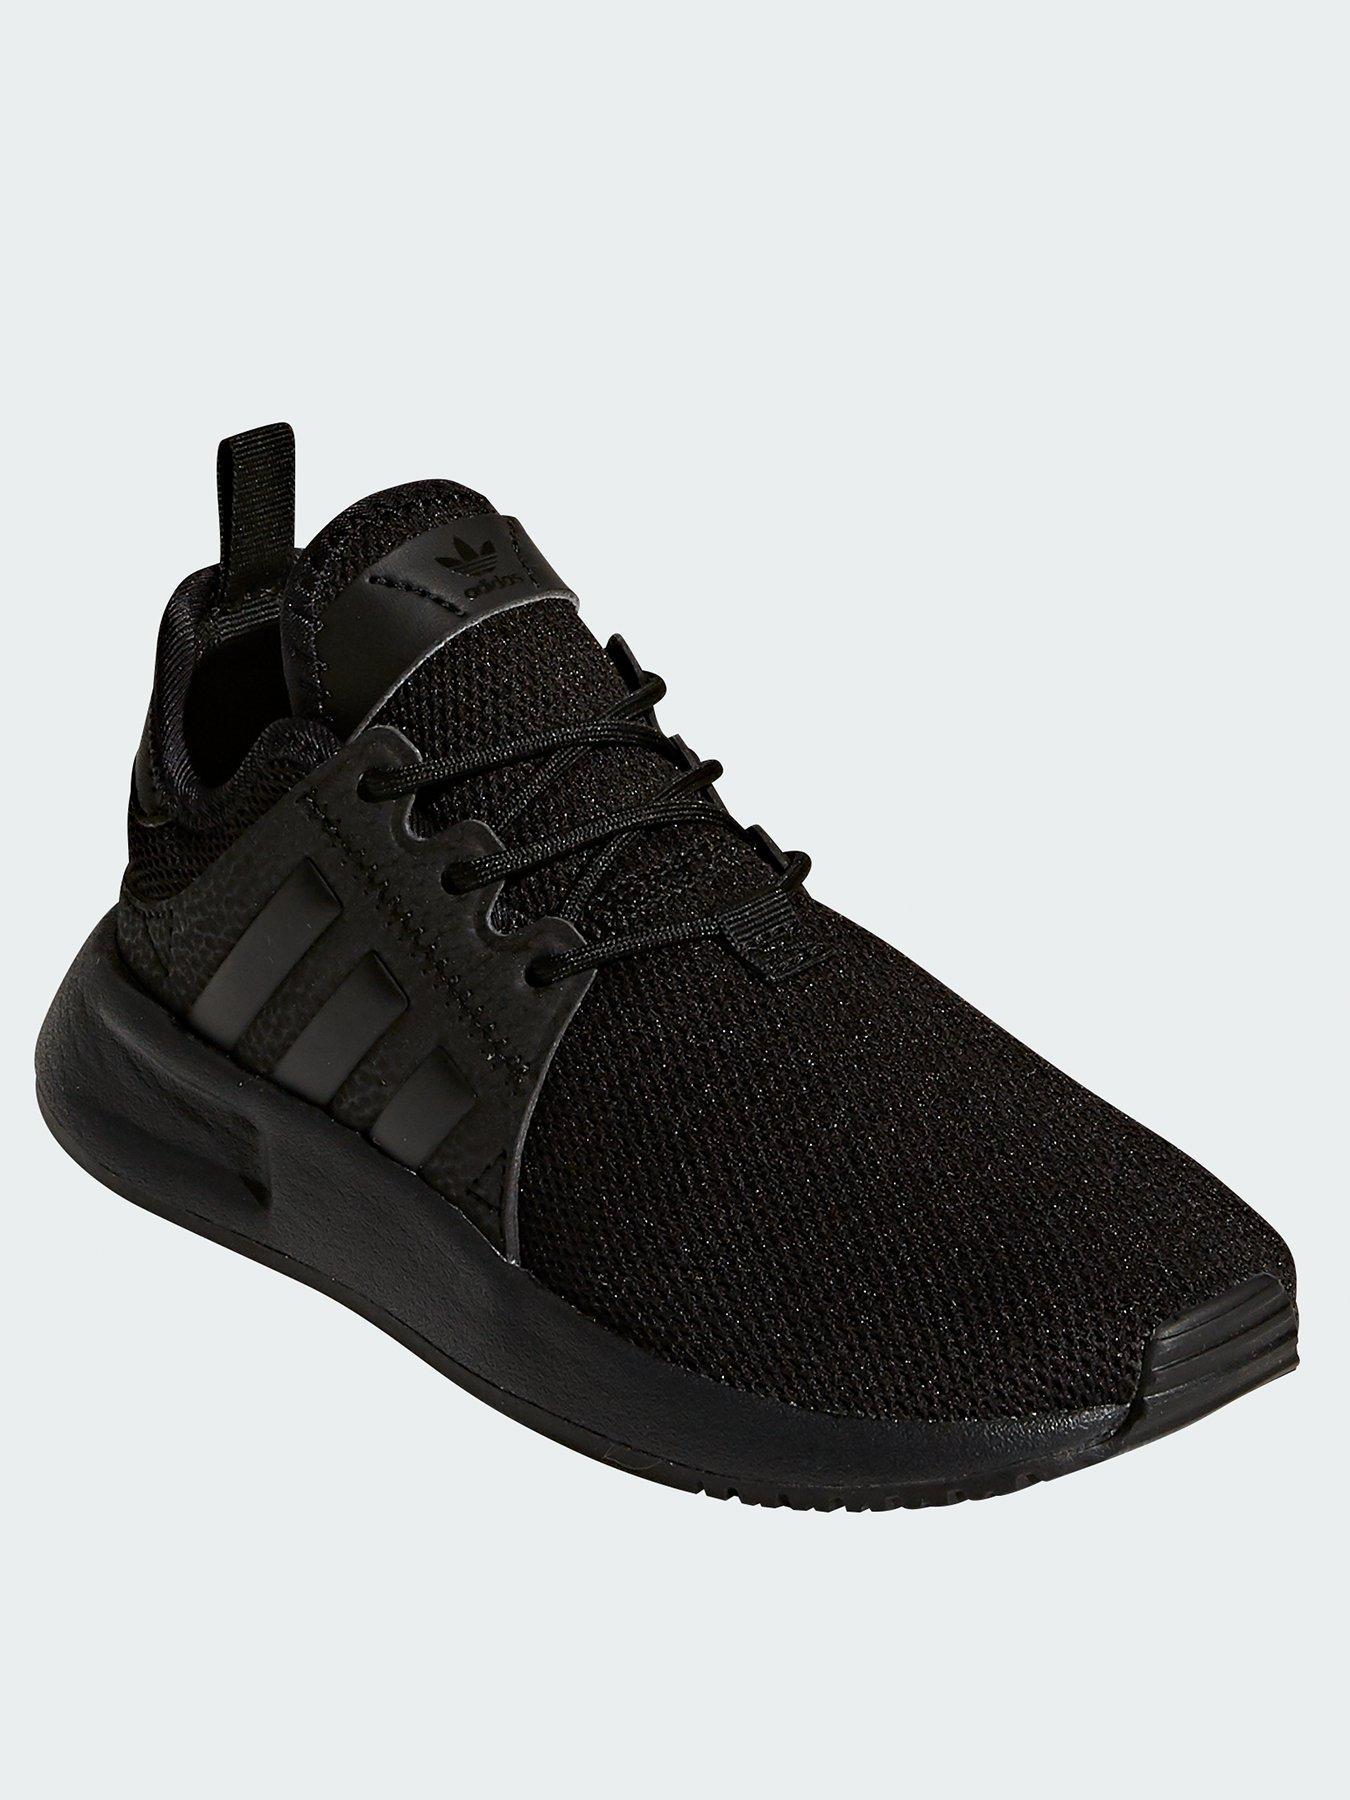 Adidas originali x a infrarossi dei formatori child & baby